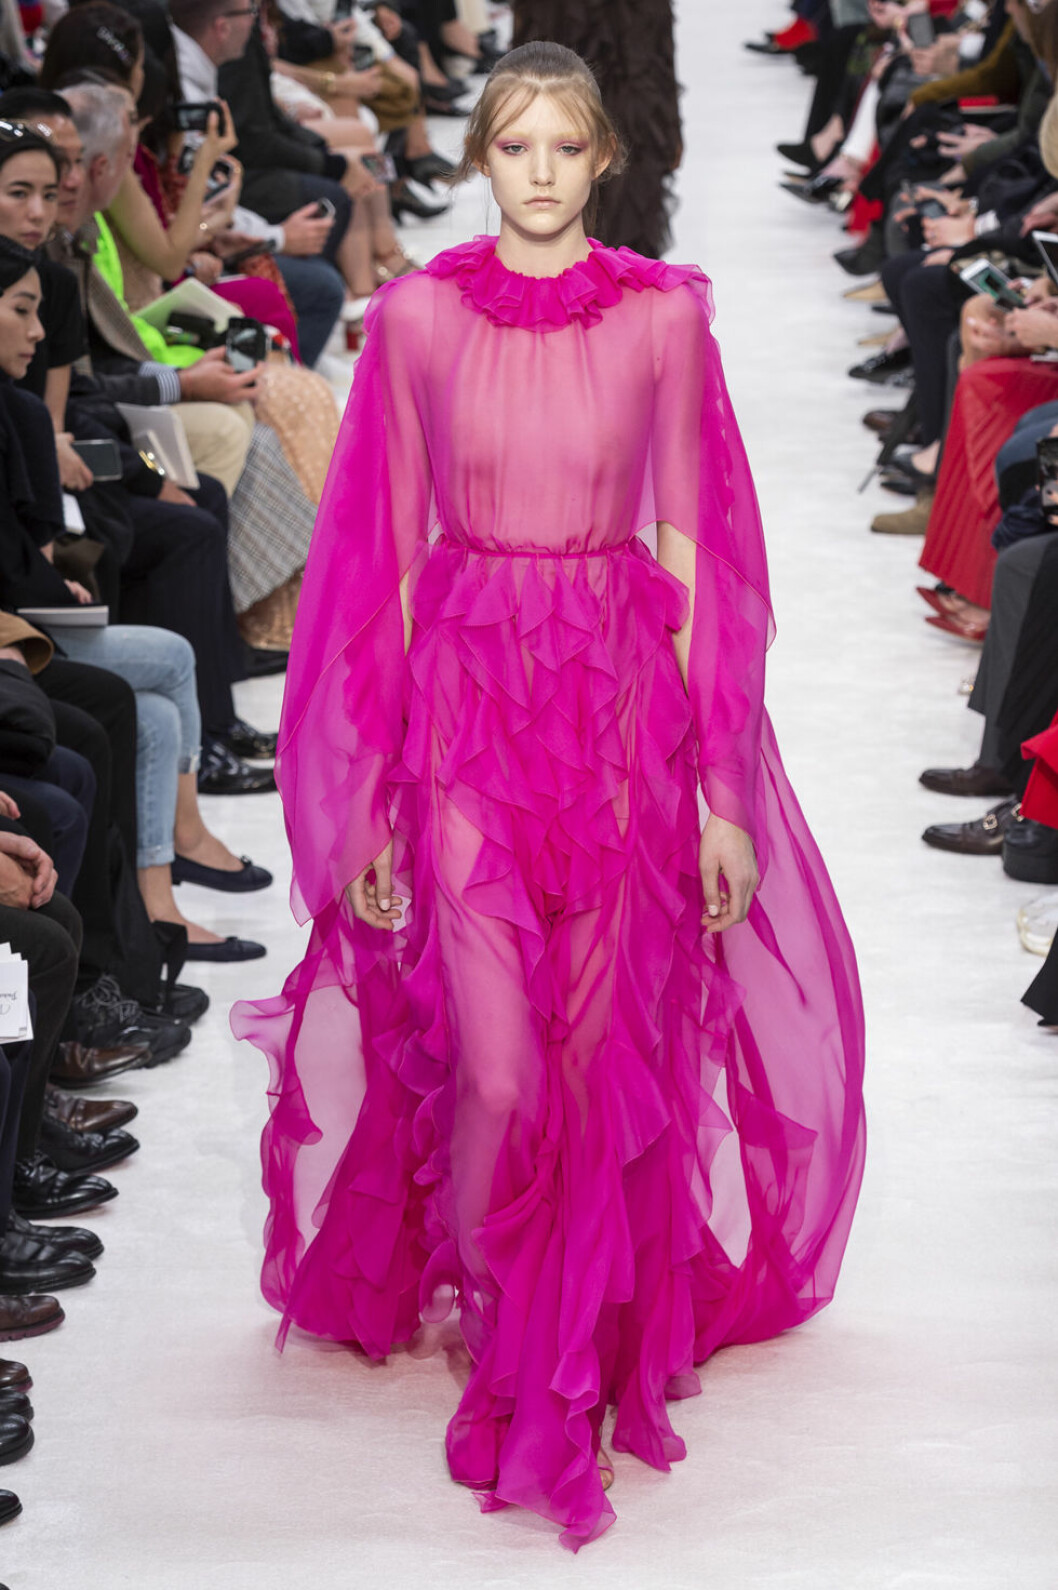 Valentino aw 19 rosa klänning